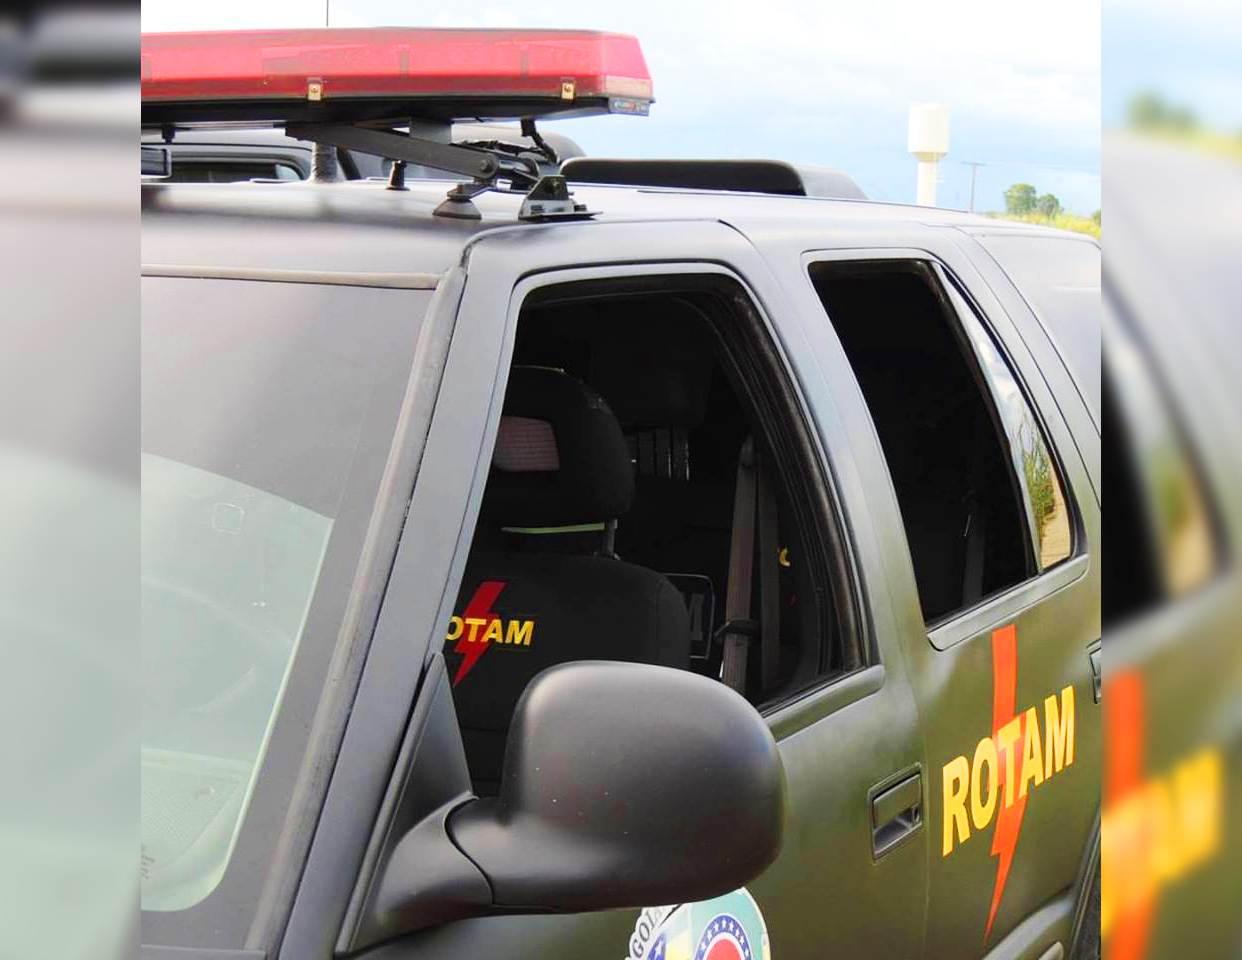 Júri popular de policiais da Rotam será realizado na próxima quarta-feira, 23 | Foto: Reprodução